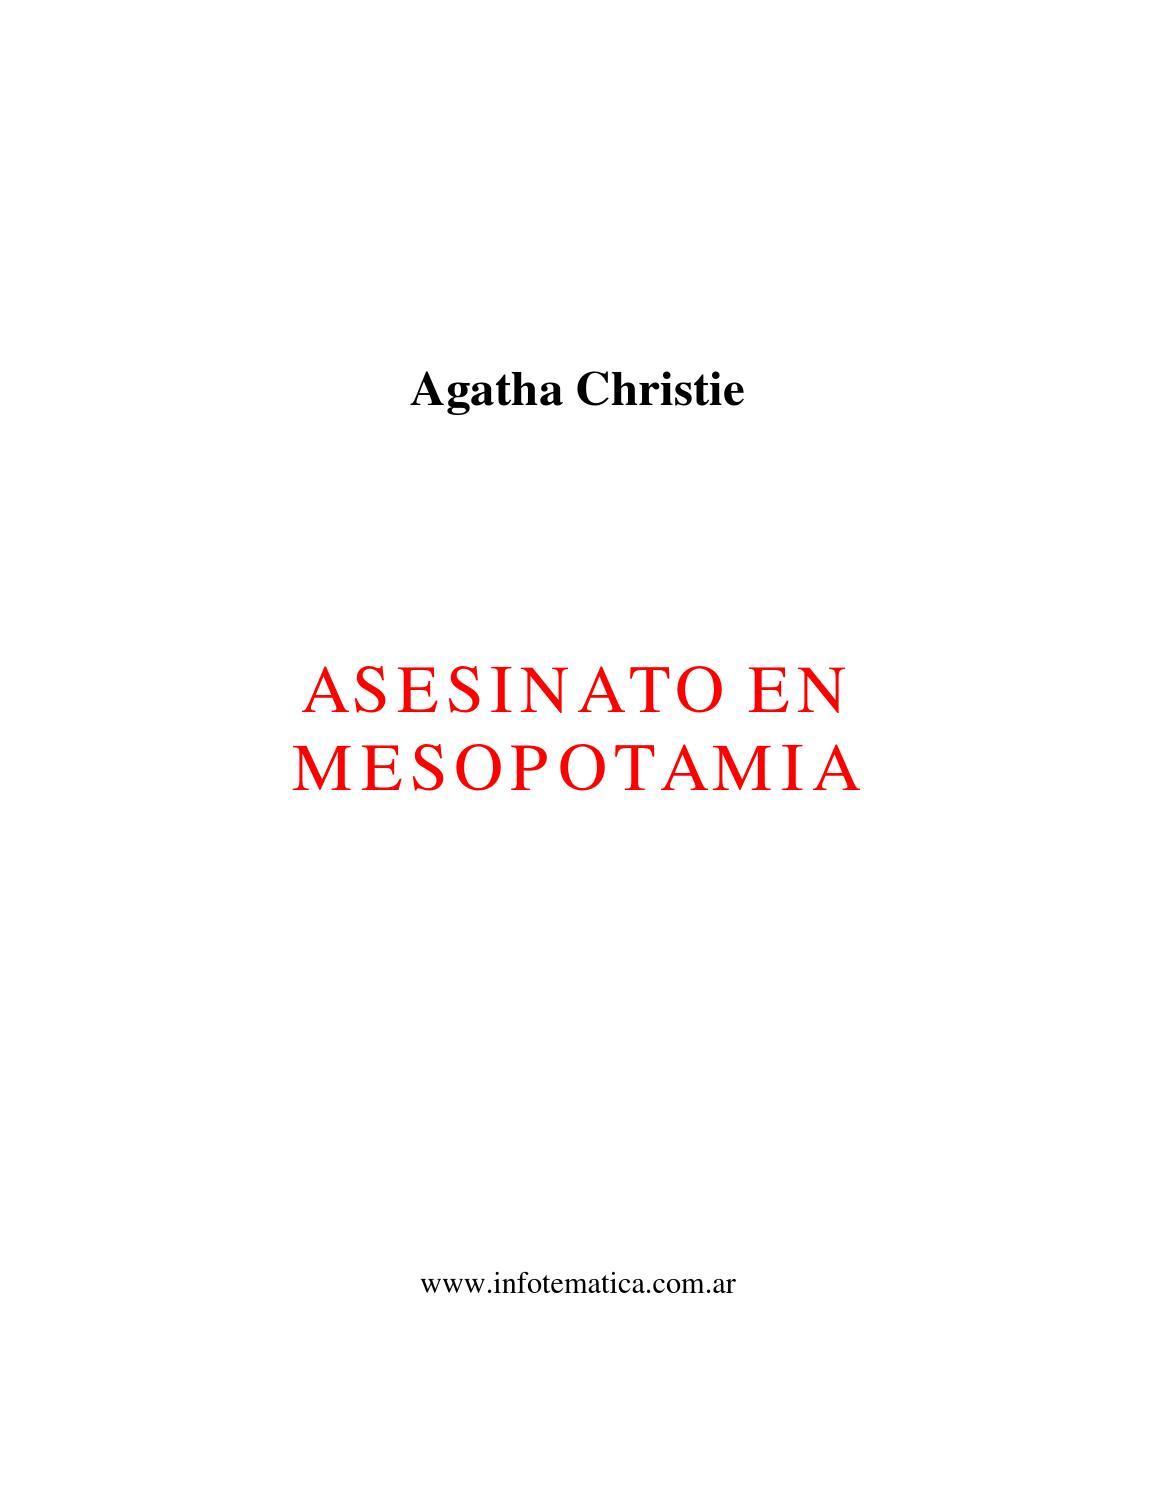 Asesinato en mesopotamia by brisa fernanda - issuu